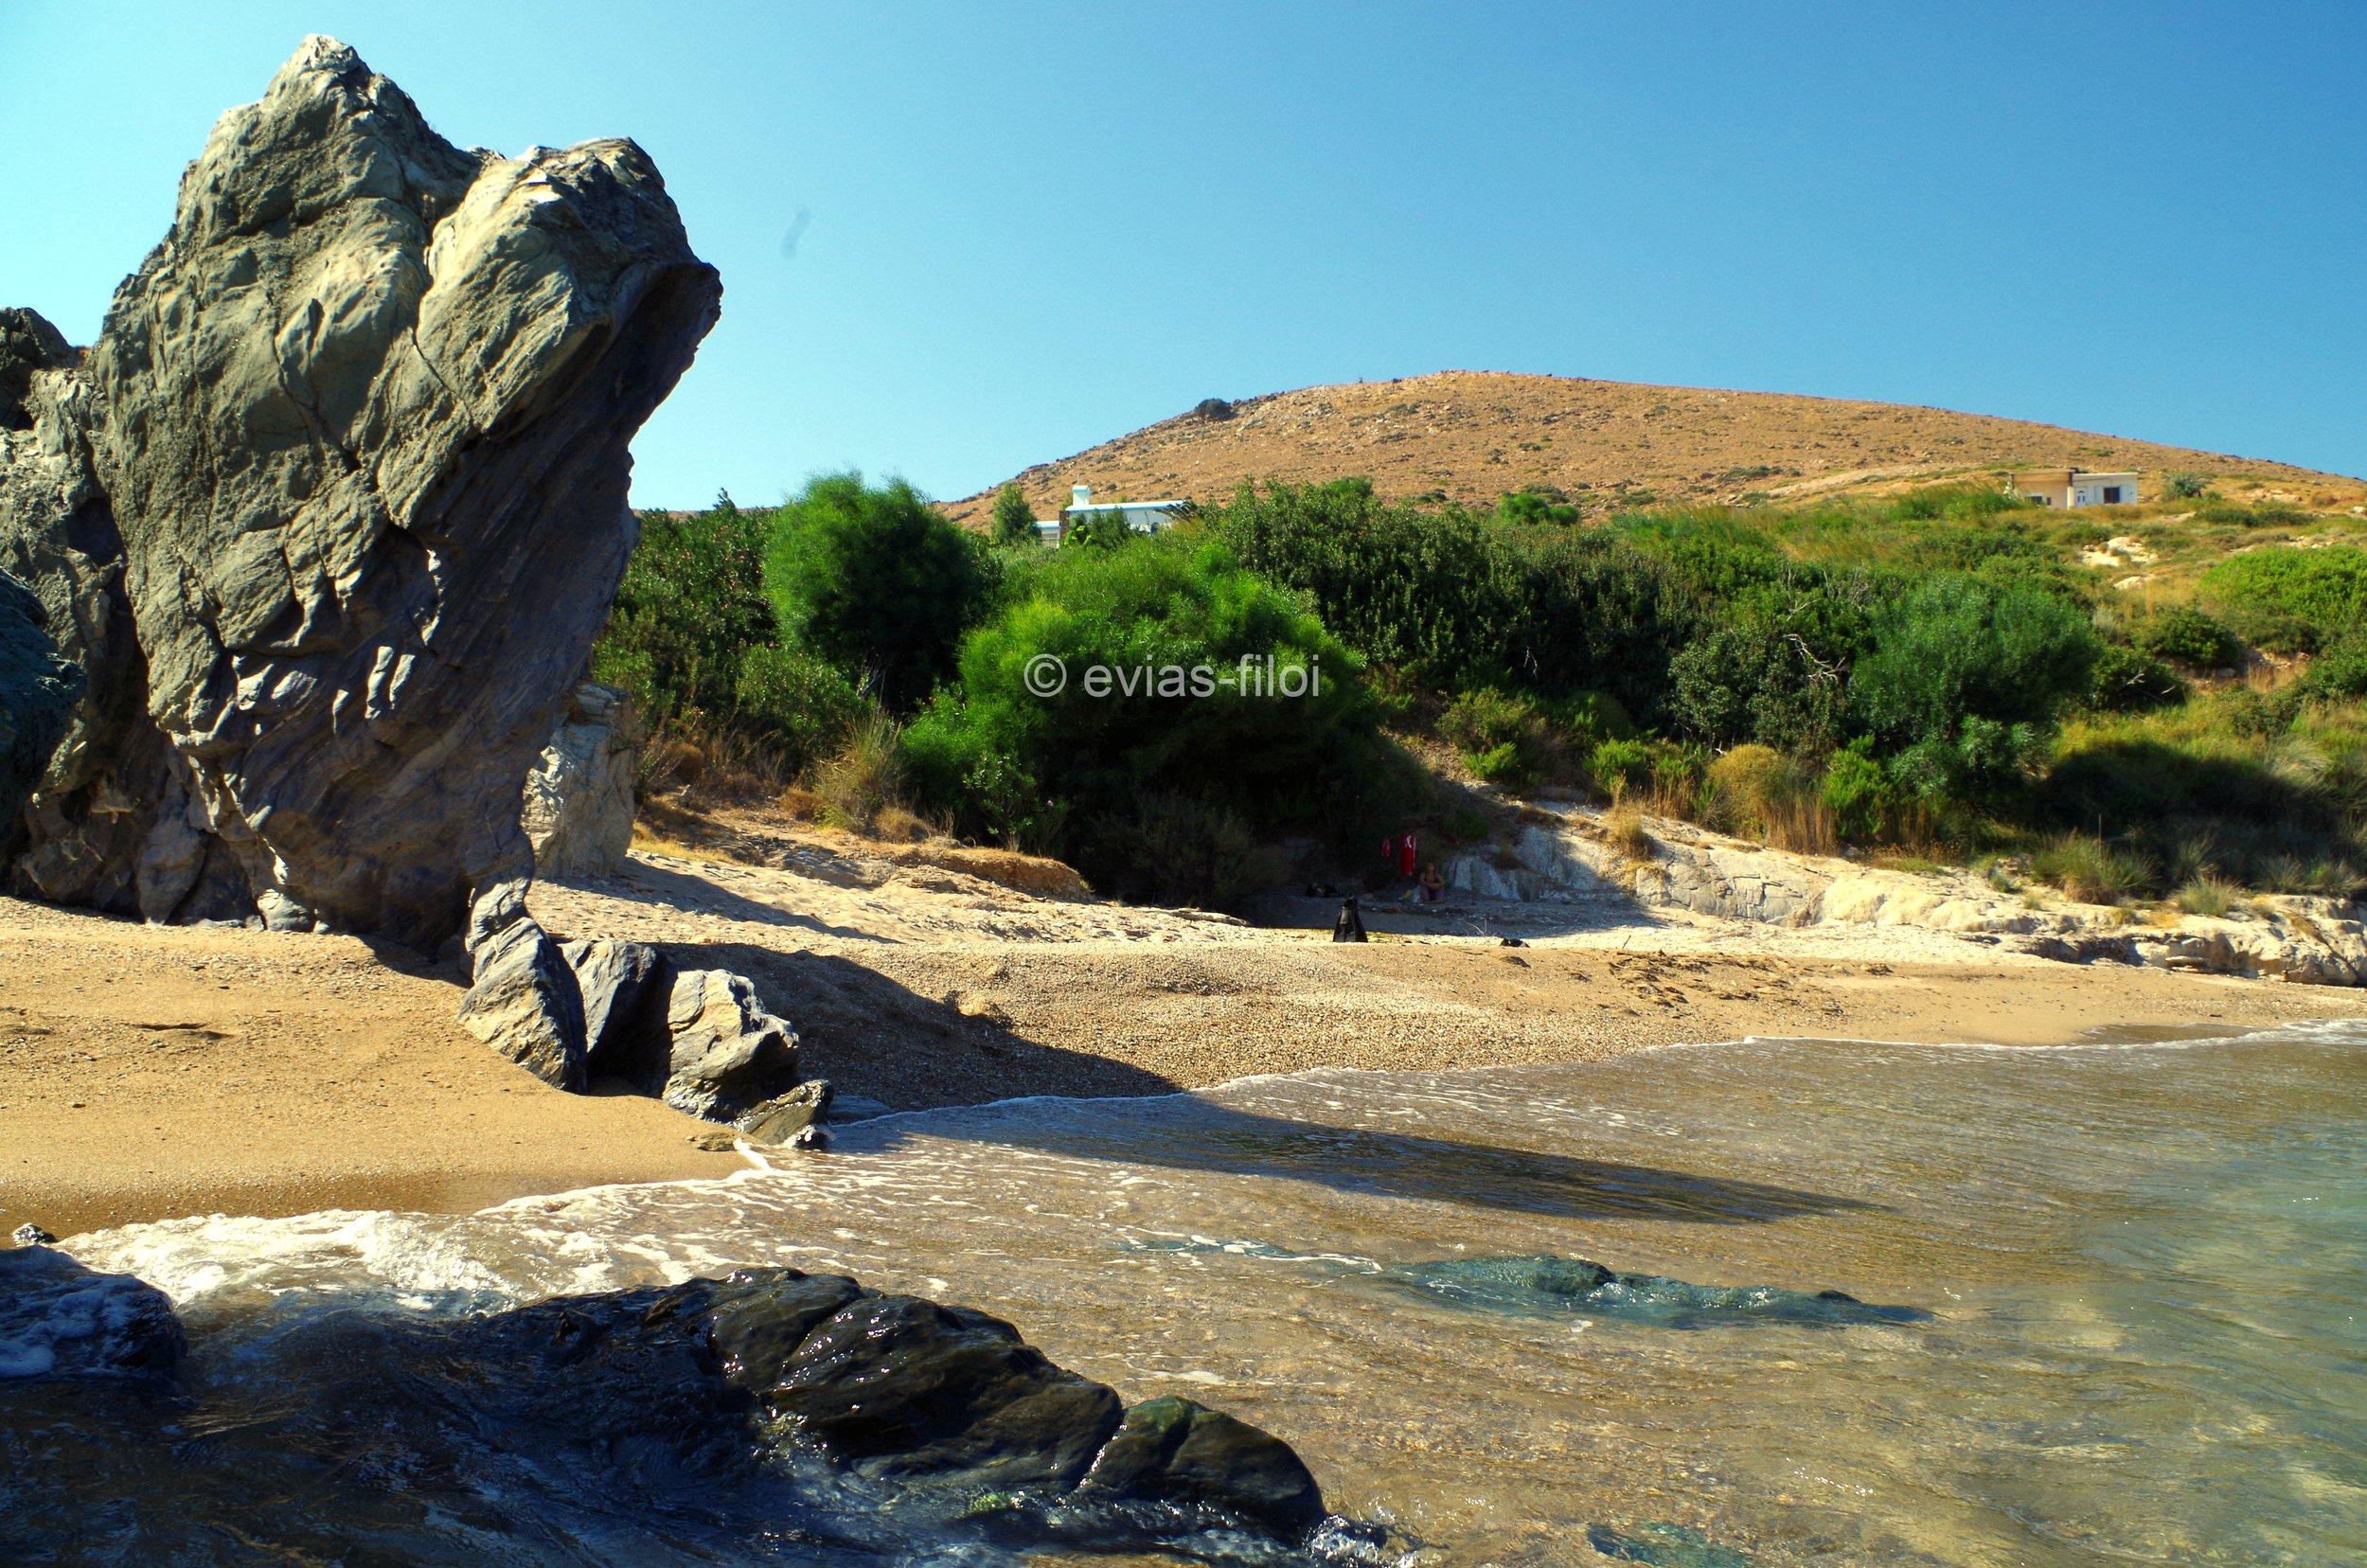 Καβοντόρος (Αιγαίο)